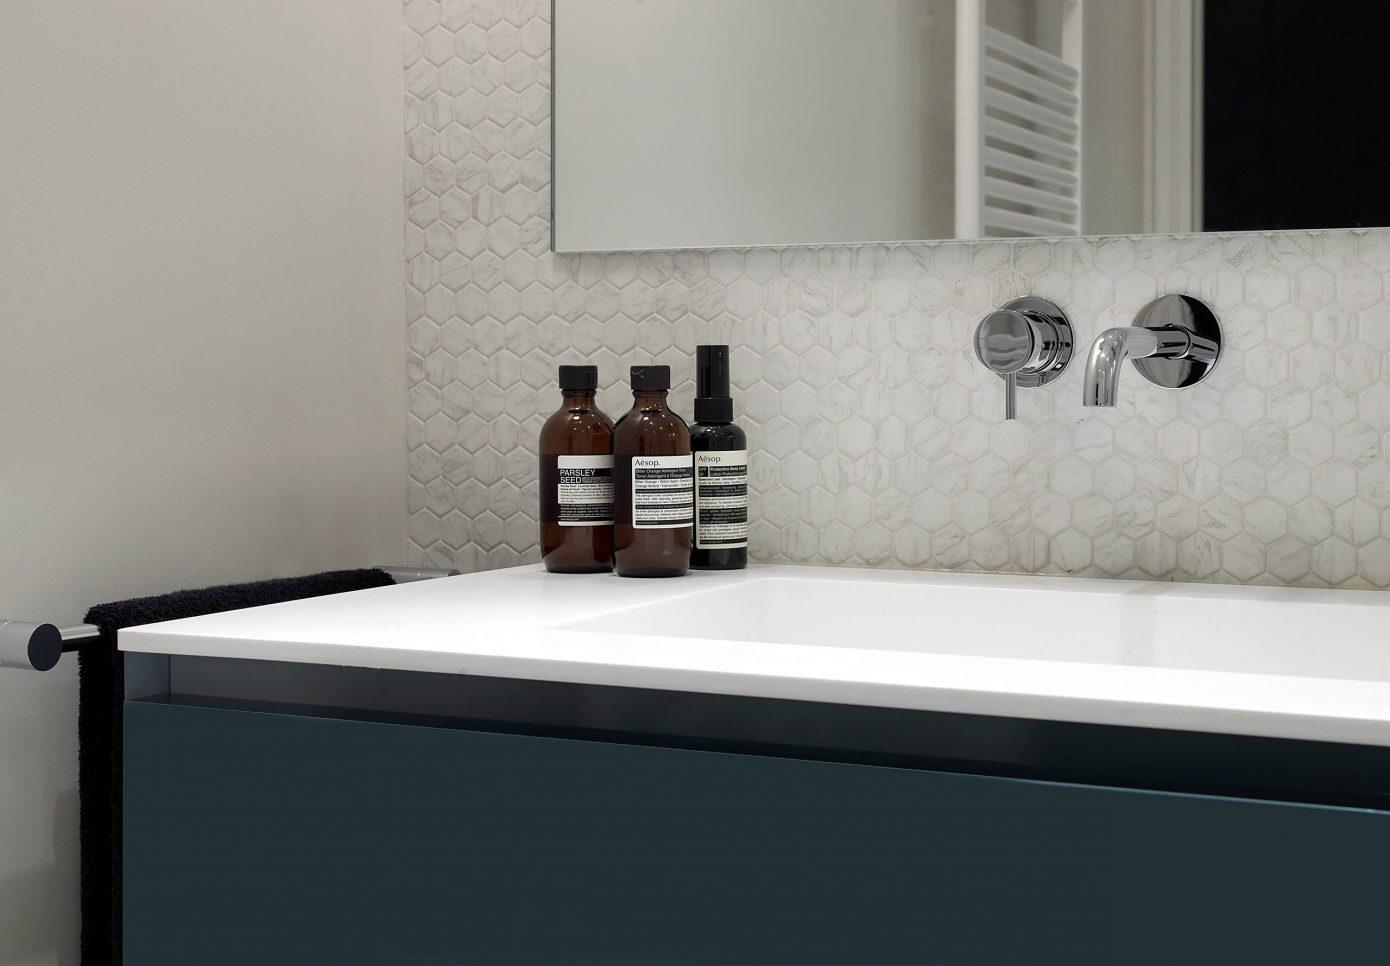 chique ontwerp voor een kleine badkamer van 5m2 interieur inrichting